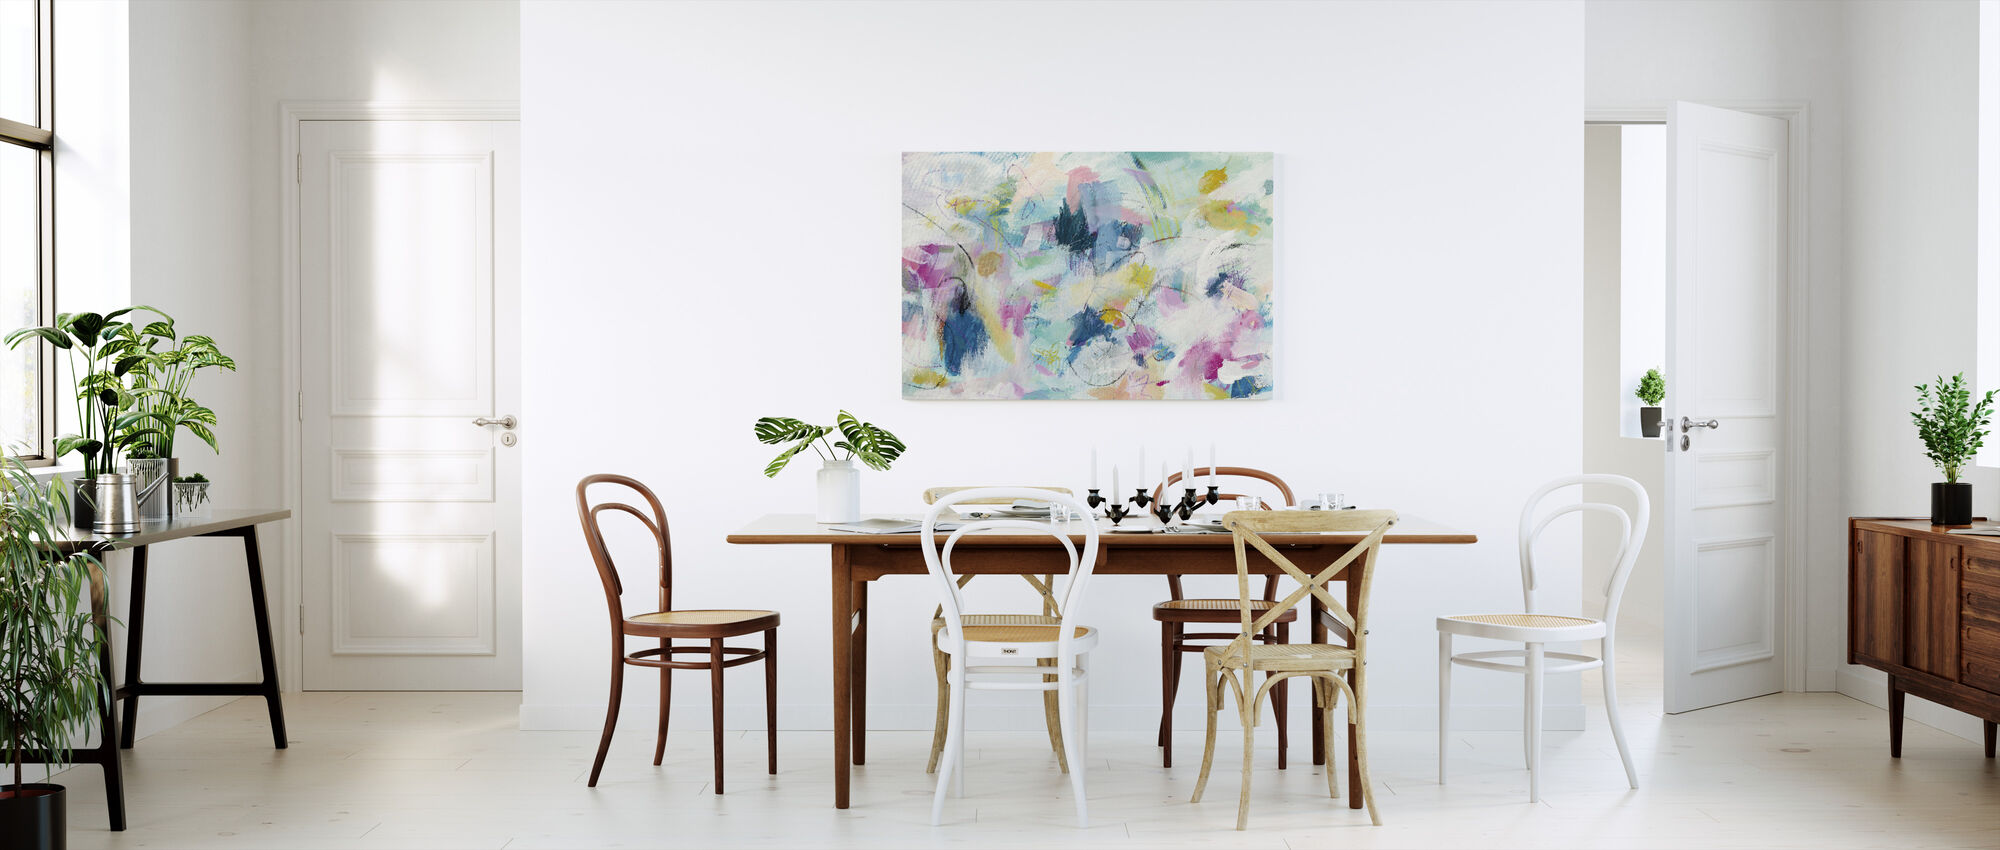 Daylight Savings III - Canvas print - Kitchen